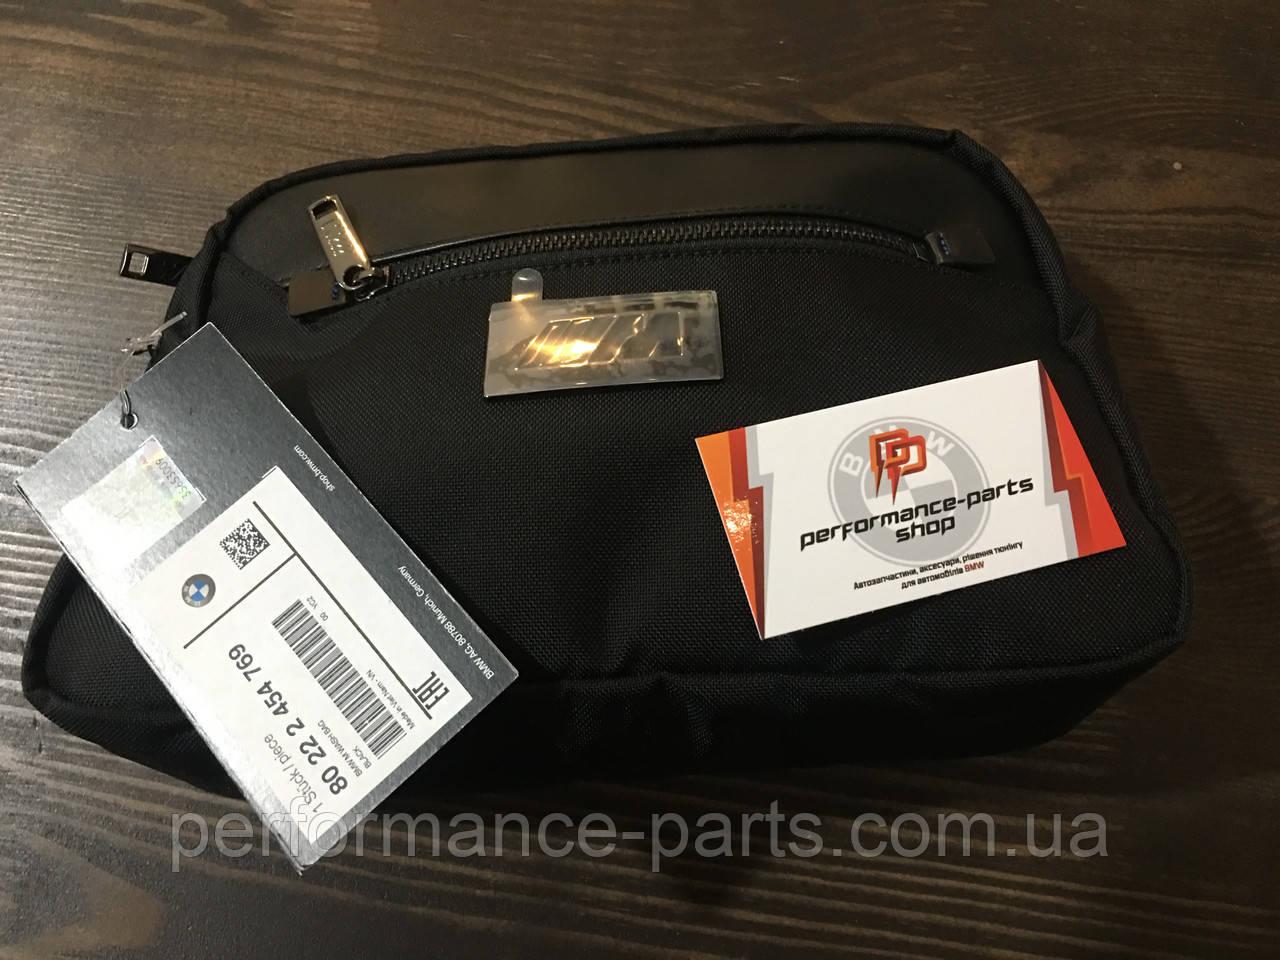 Несесер BMW M Wash Bag, 80222454769. Оригінал. Чорного кольору.